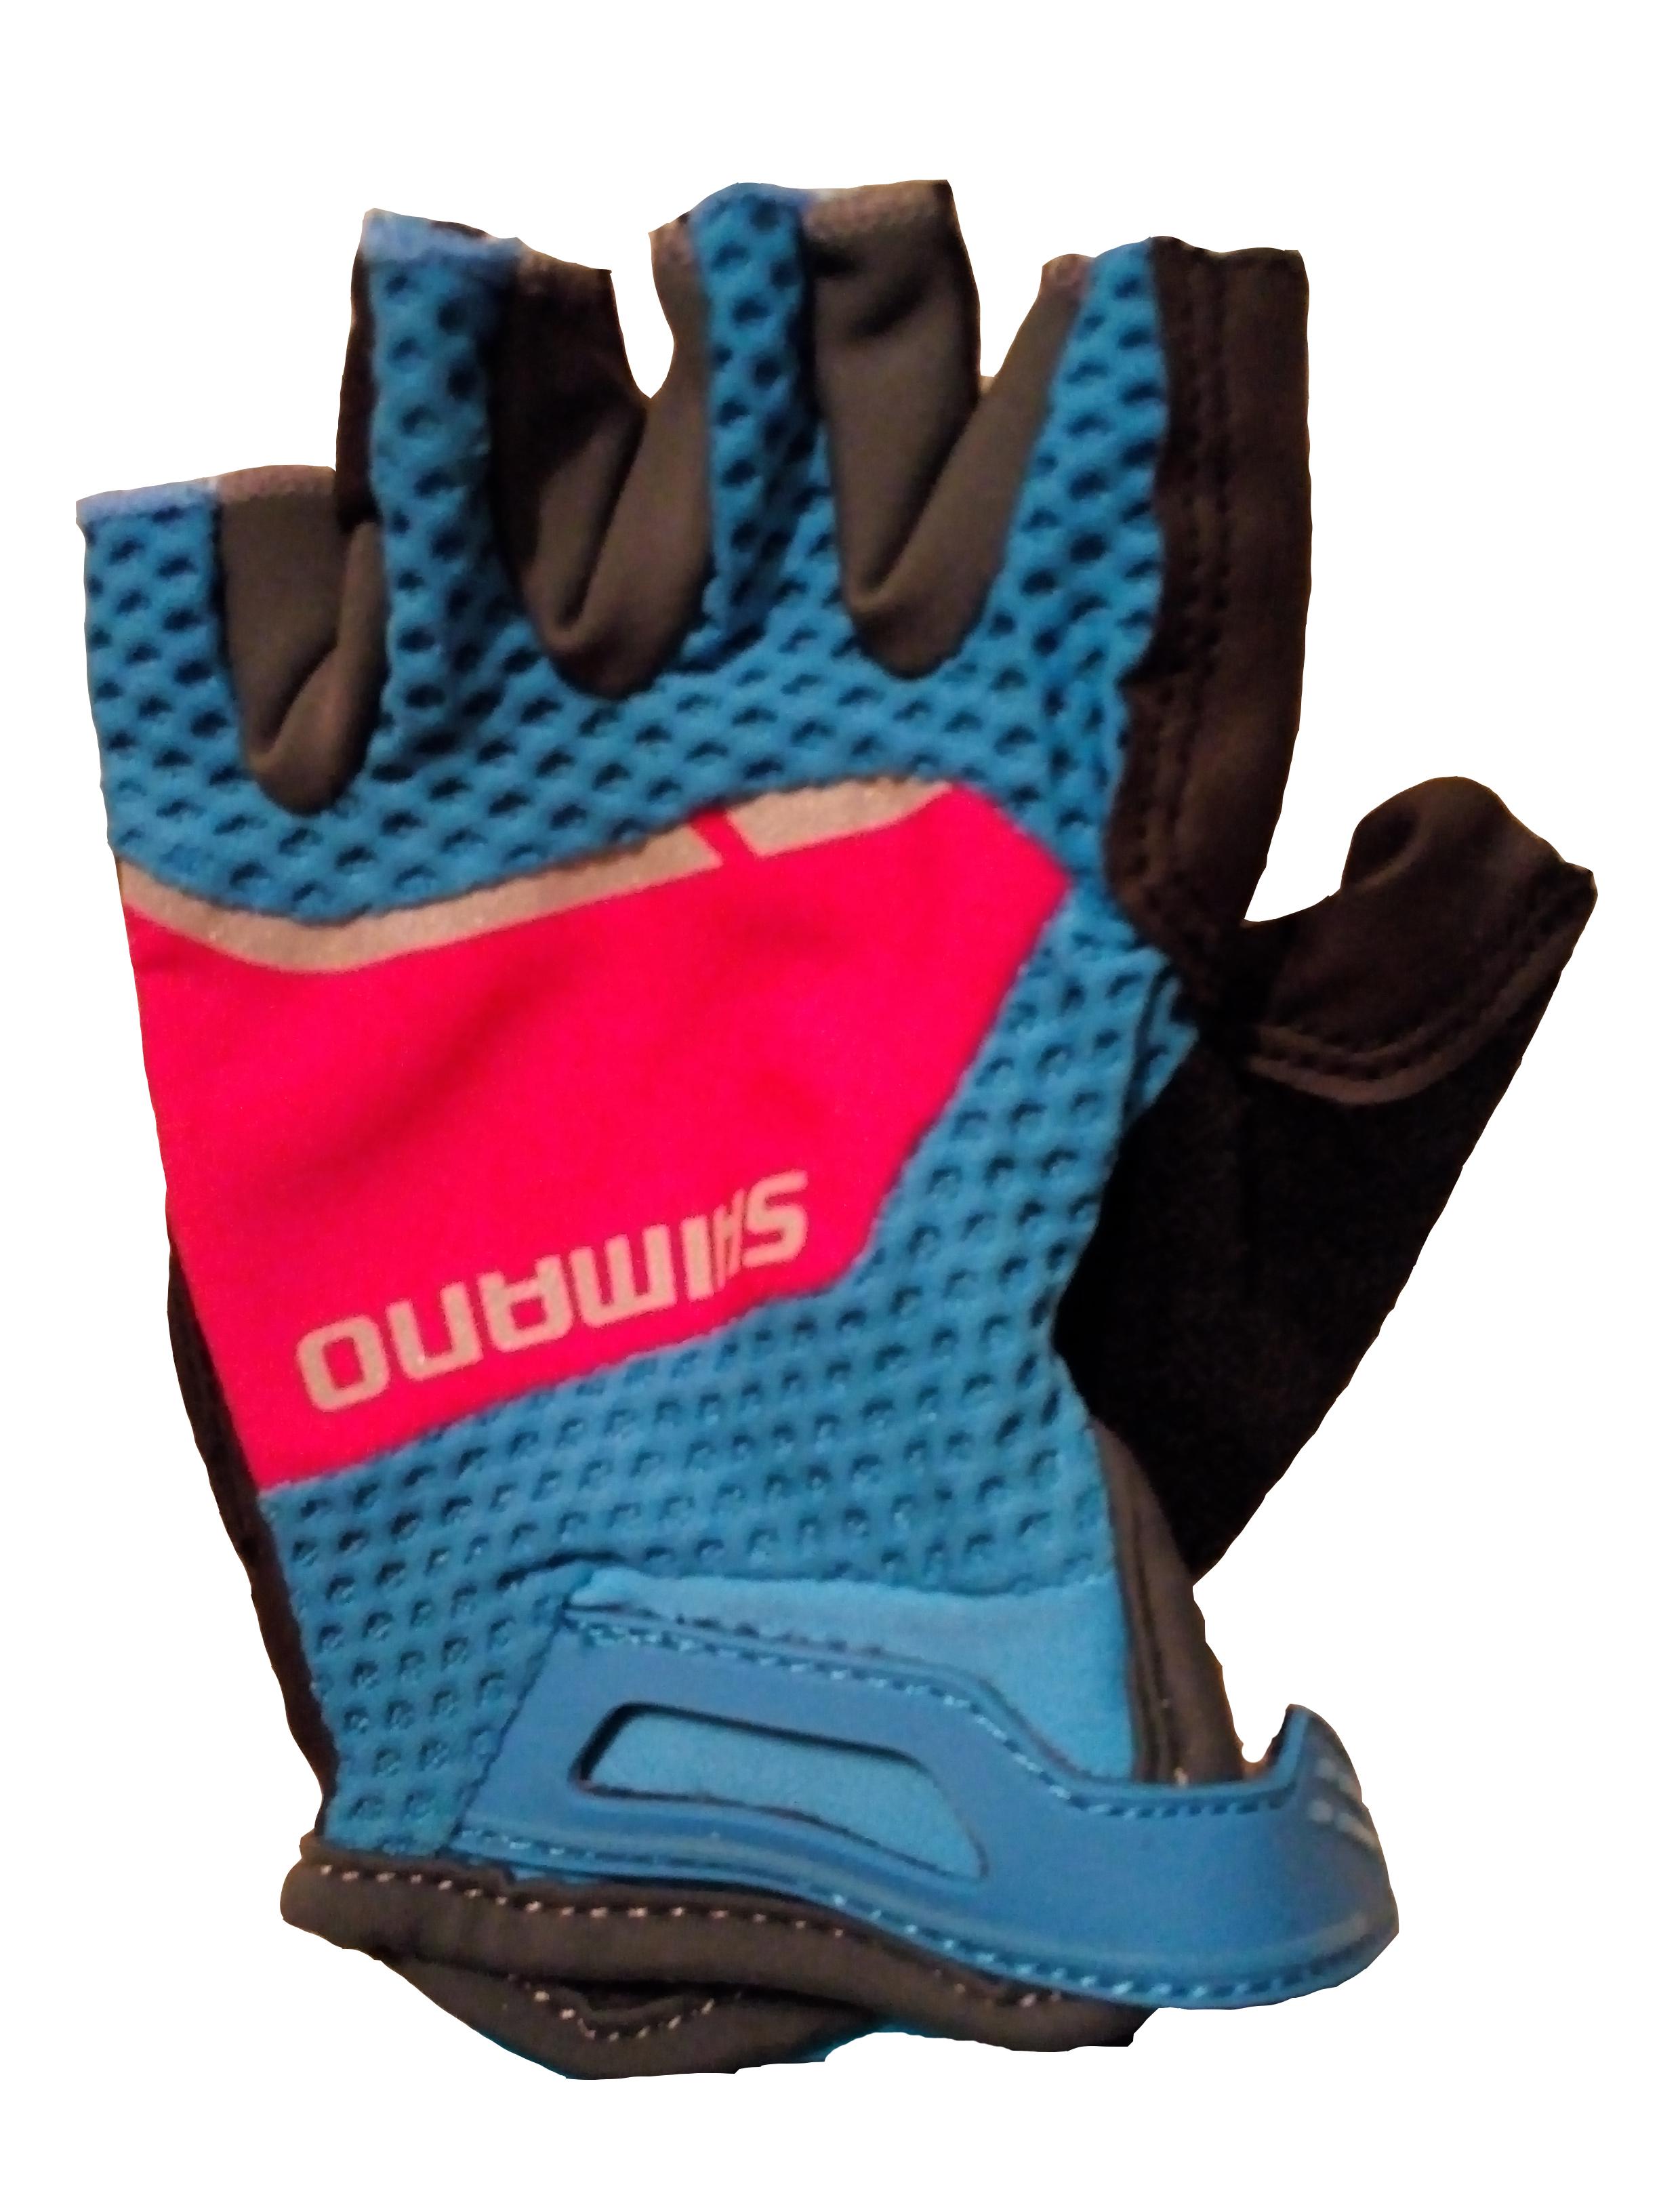 Shimano Explorer dámské rukavice, modrá/jazzberry, S